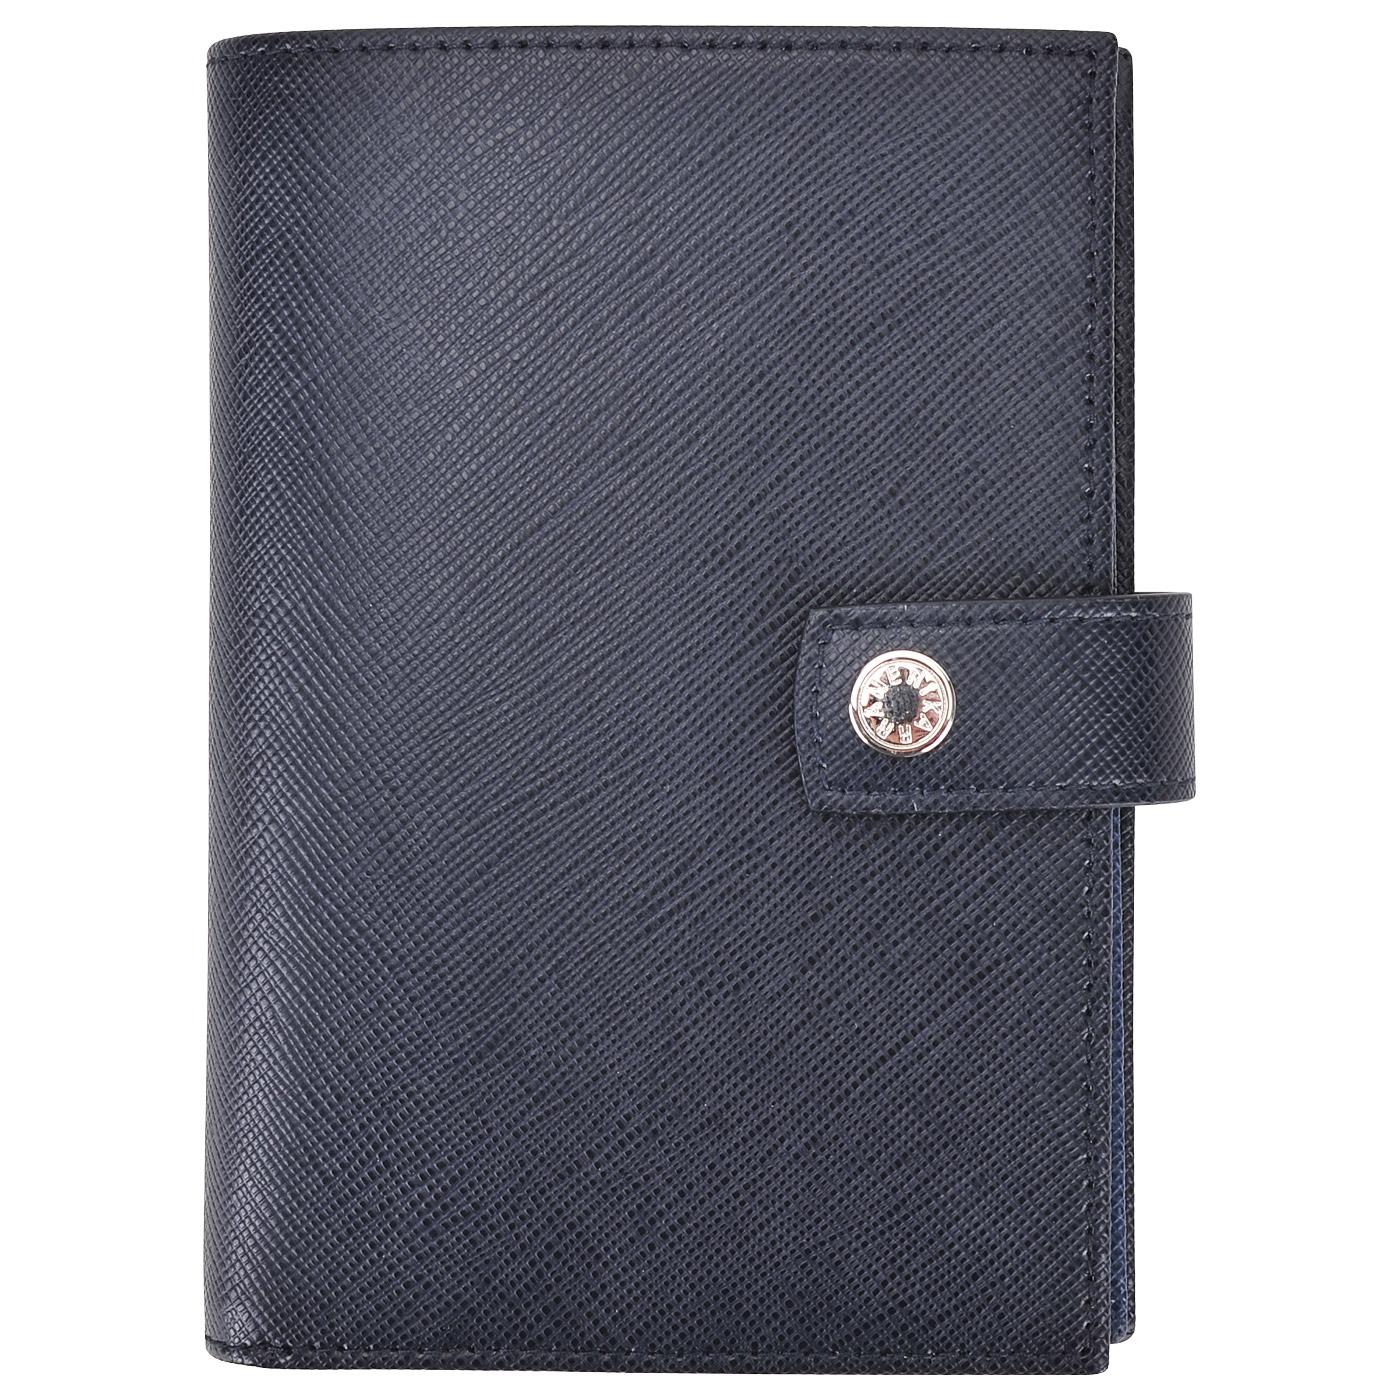 Портмоне + Обложка для паспорта и автодокументов